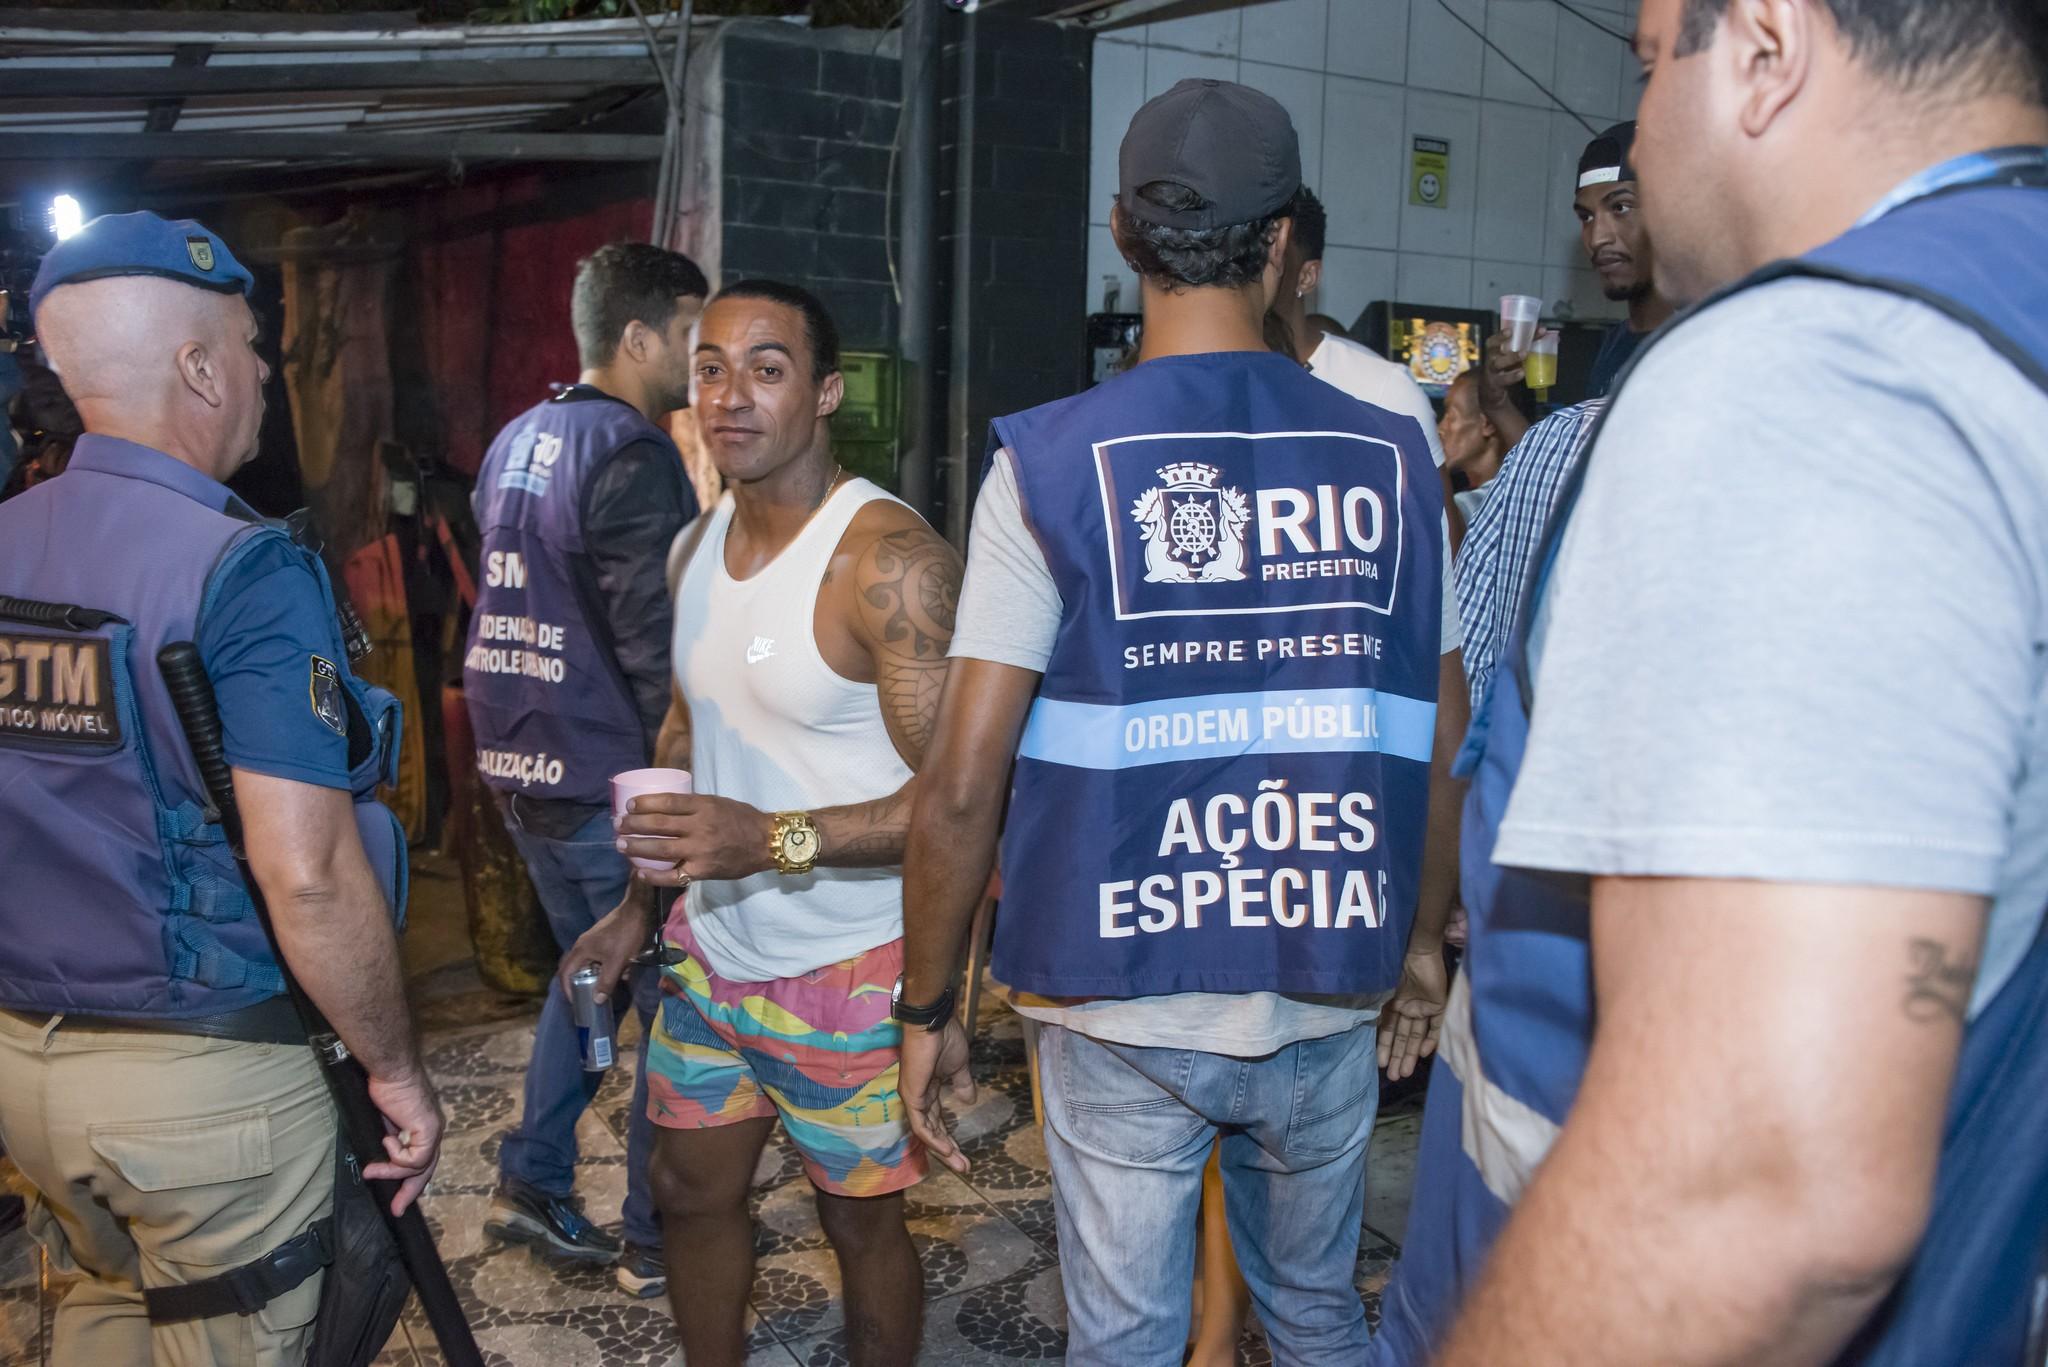 Contra o coronavírus, Prefeitura do Rio passa a usar sinais de celulares para combater aglomerações